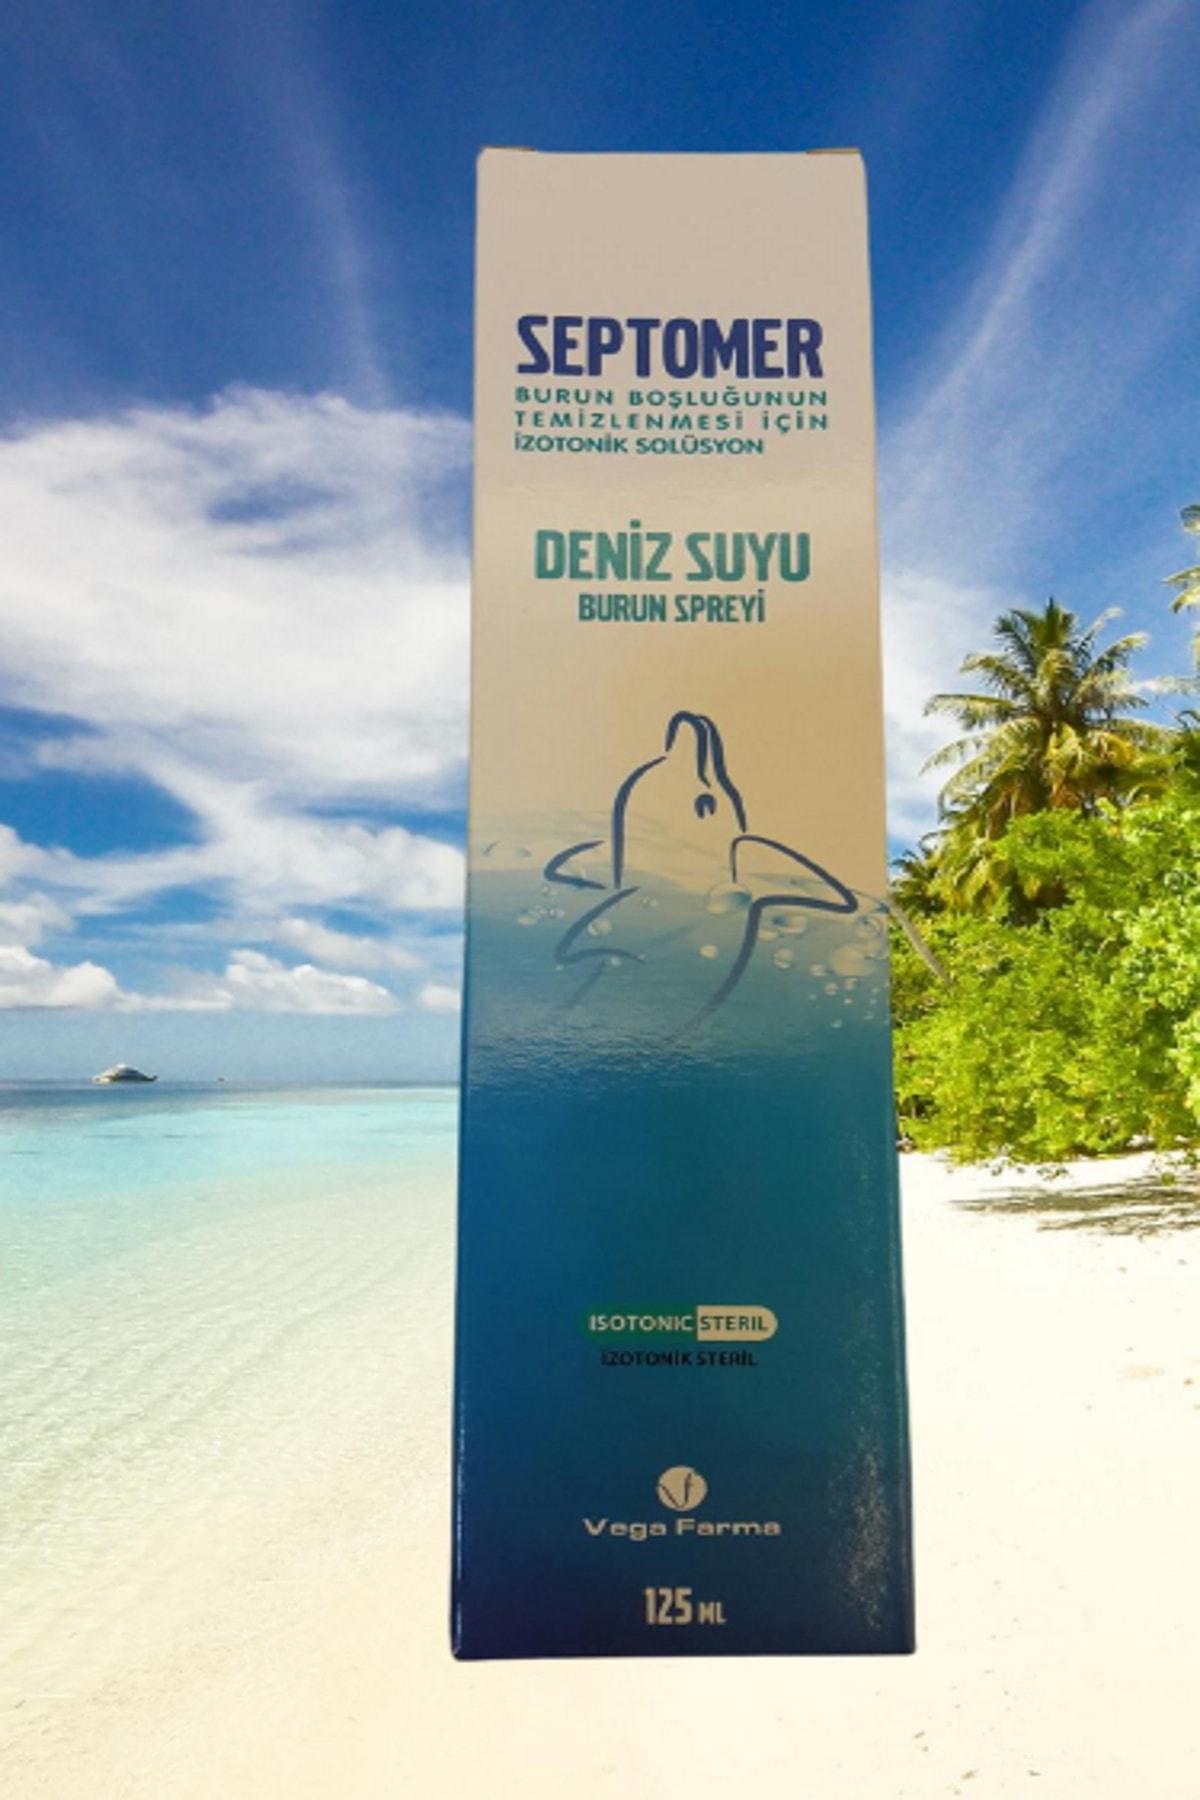 Septomer Deniz Suyu Burun Spreyi 125 ml 1